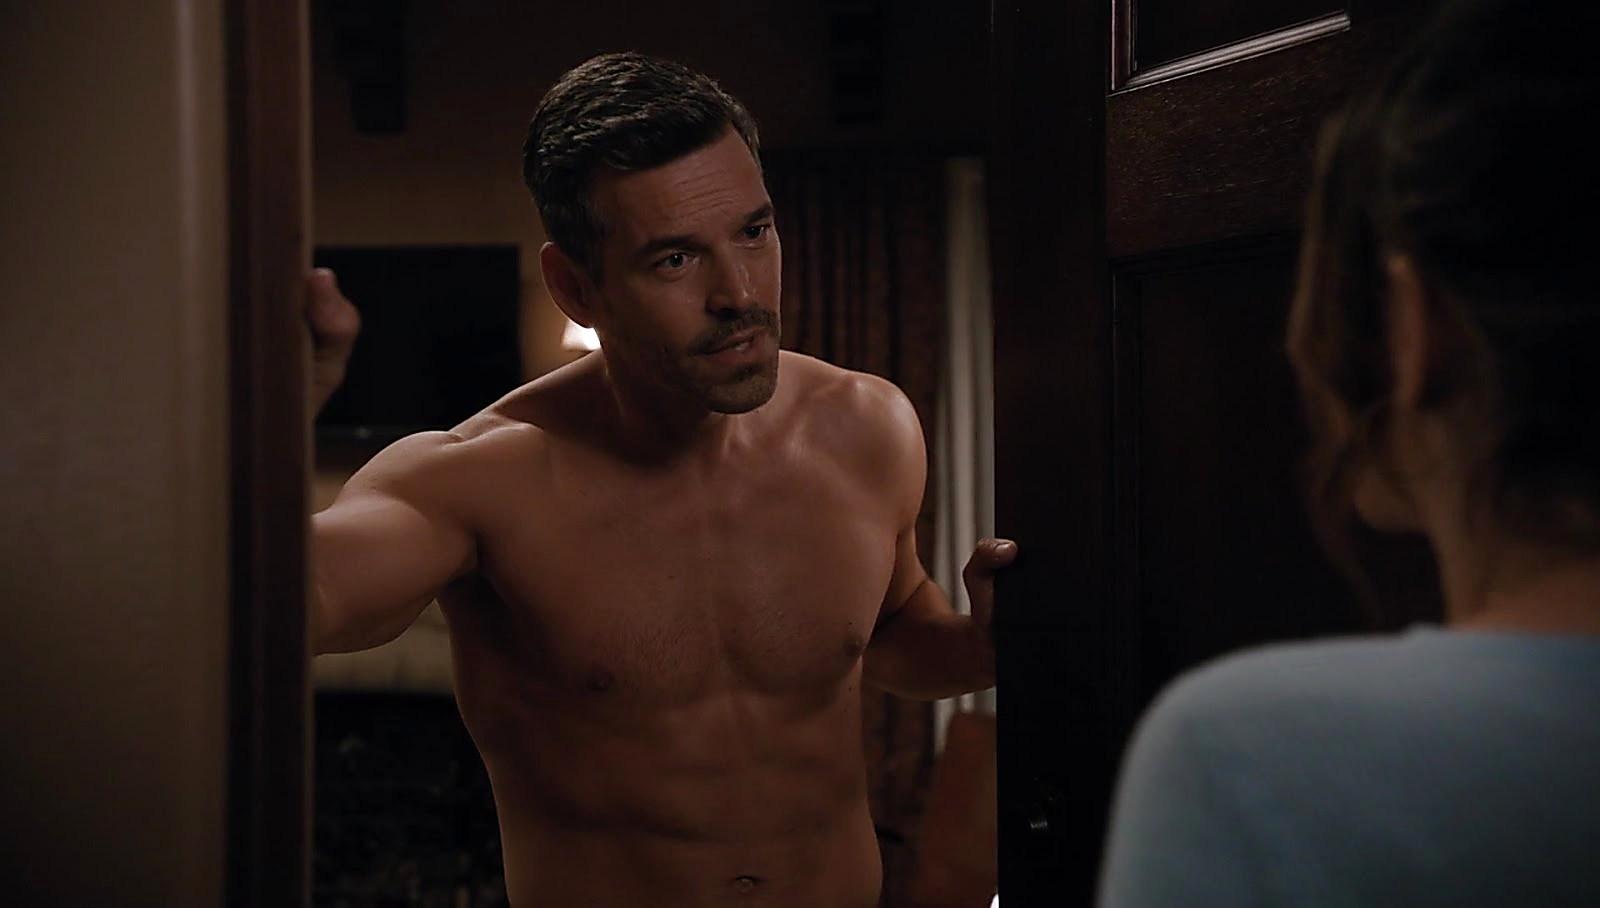 Eddie Cibrian sexy shirtless scene June 22, 2018, 11am